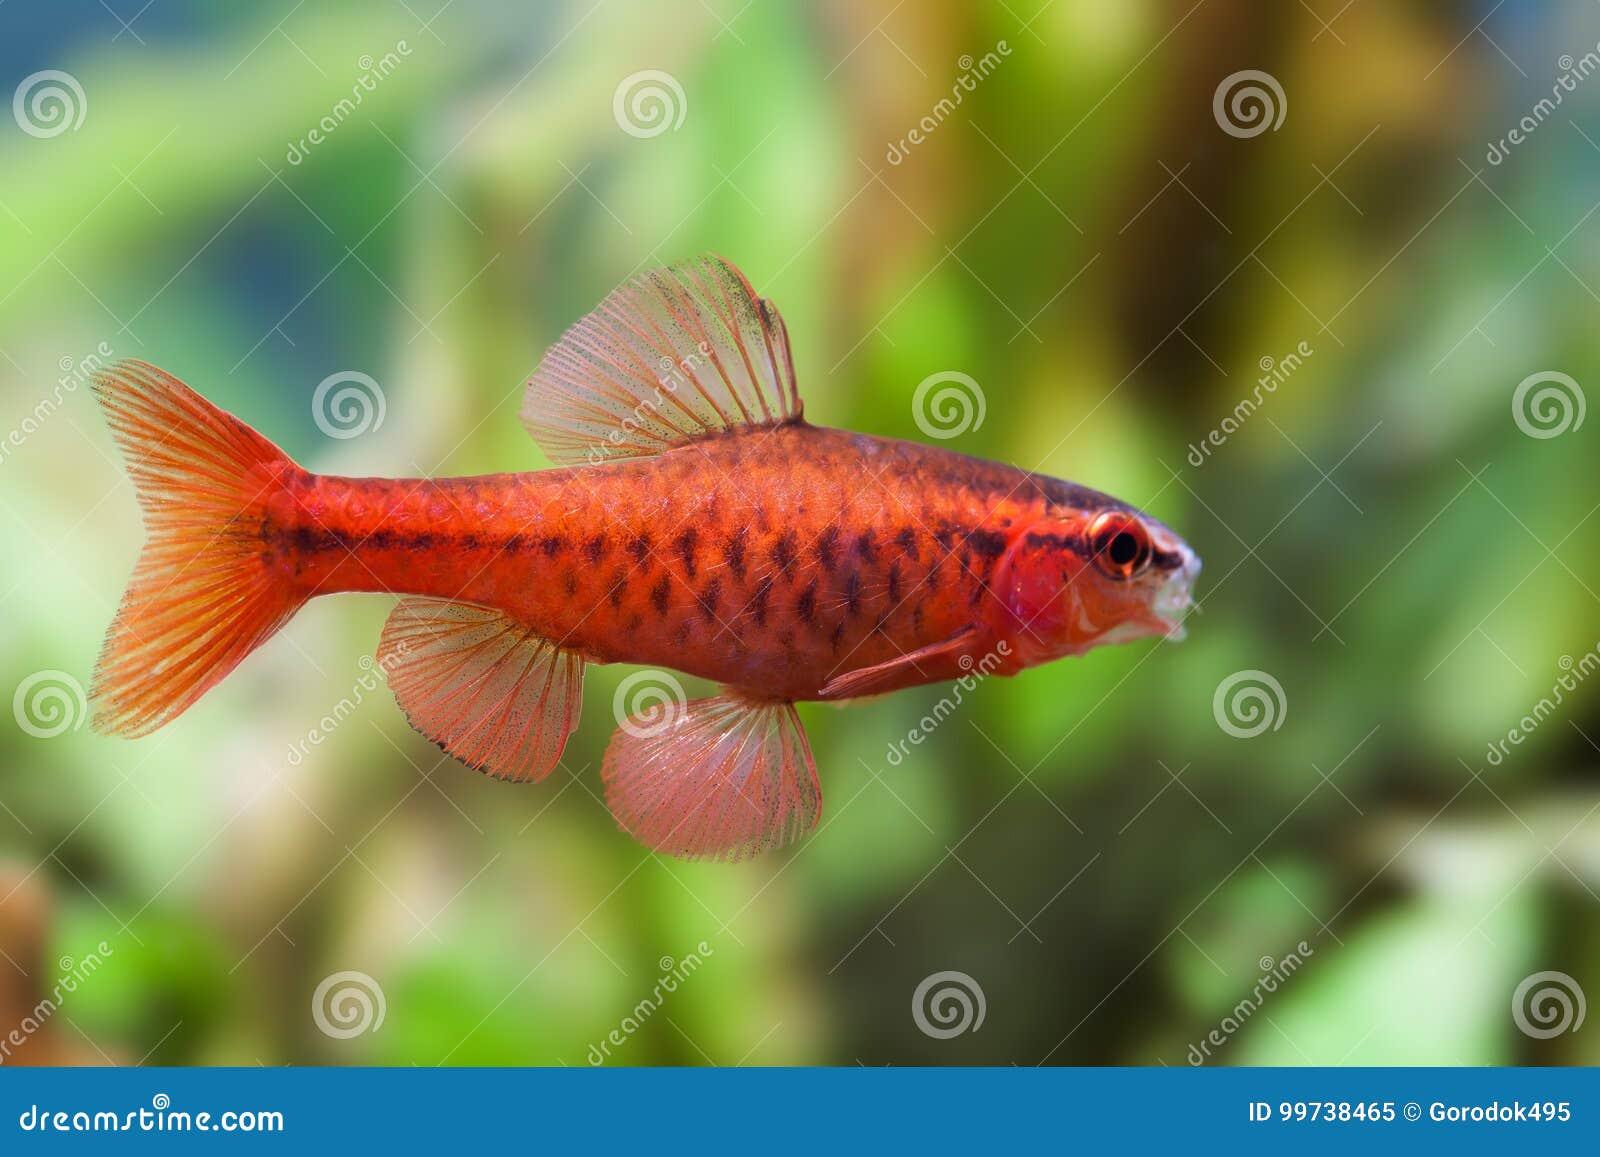 Όμορφα κόκκινα ψάρια στο μαλακό πράσινο υπόβαθρο Αρσενικό barb που κολυμπά την τροπική του γλυκού νερού δεξαμενή ενυδρείων Tittey